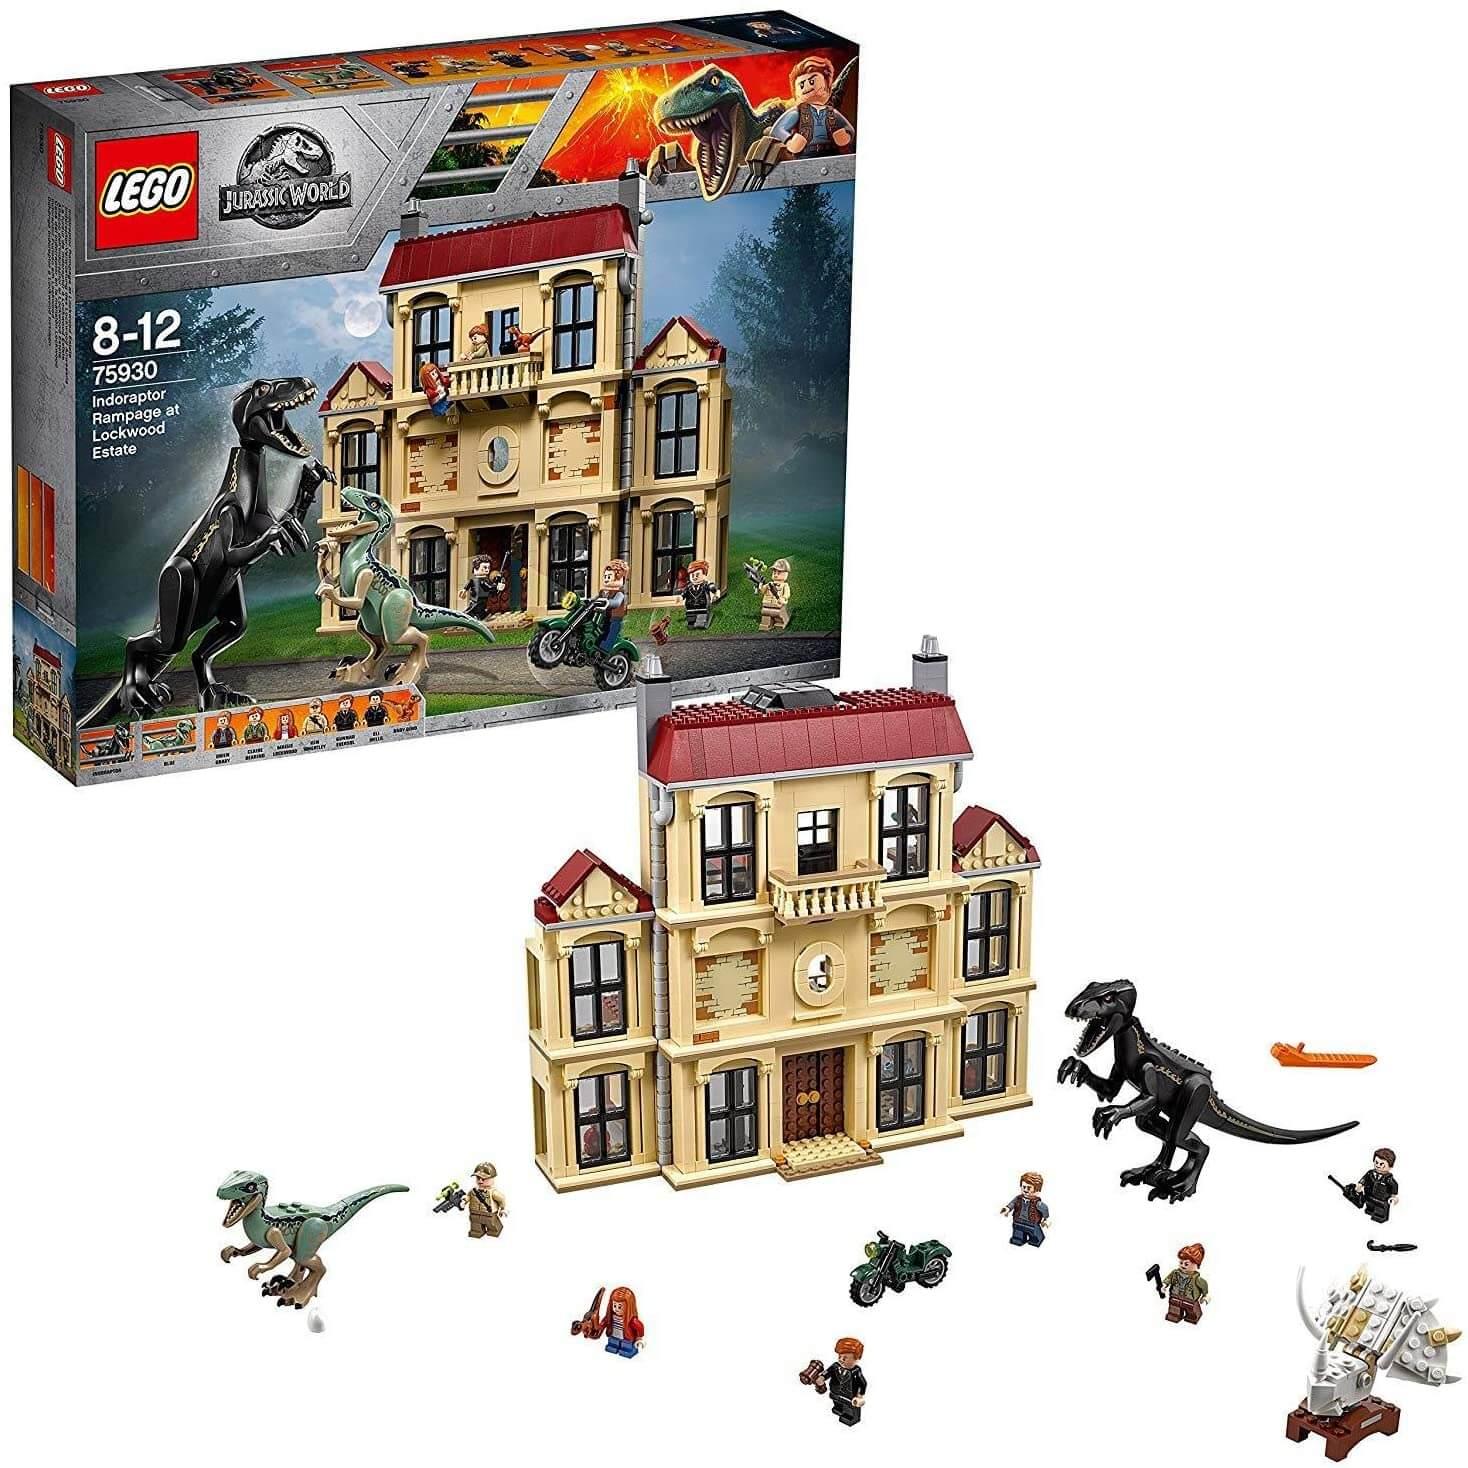 LEGO ジュラシック・ワールド インドラプトル、ロックウッド邸で大暴れ 75930 を高額買取